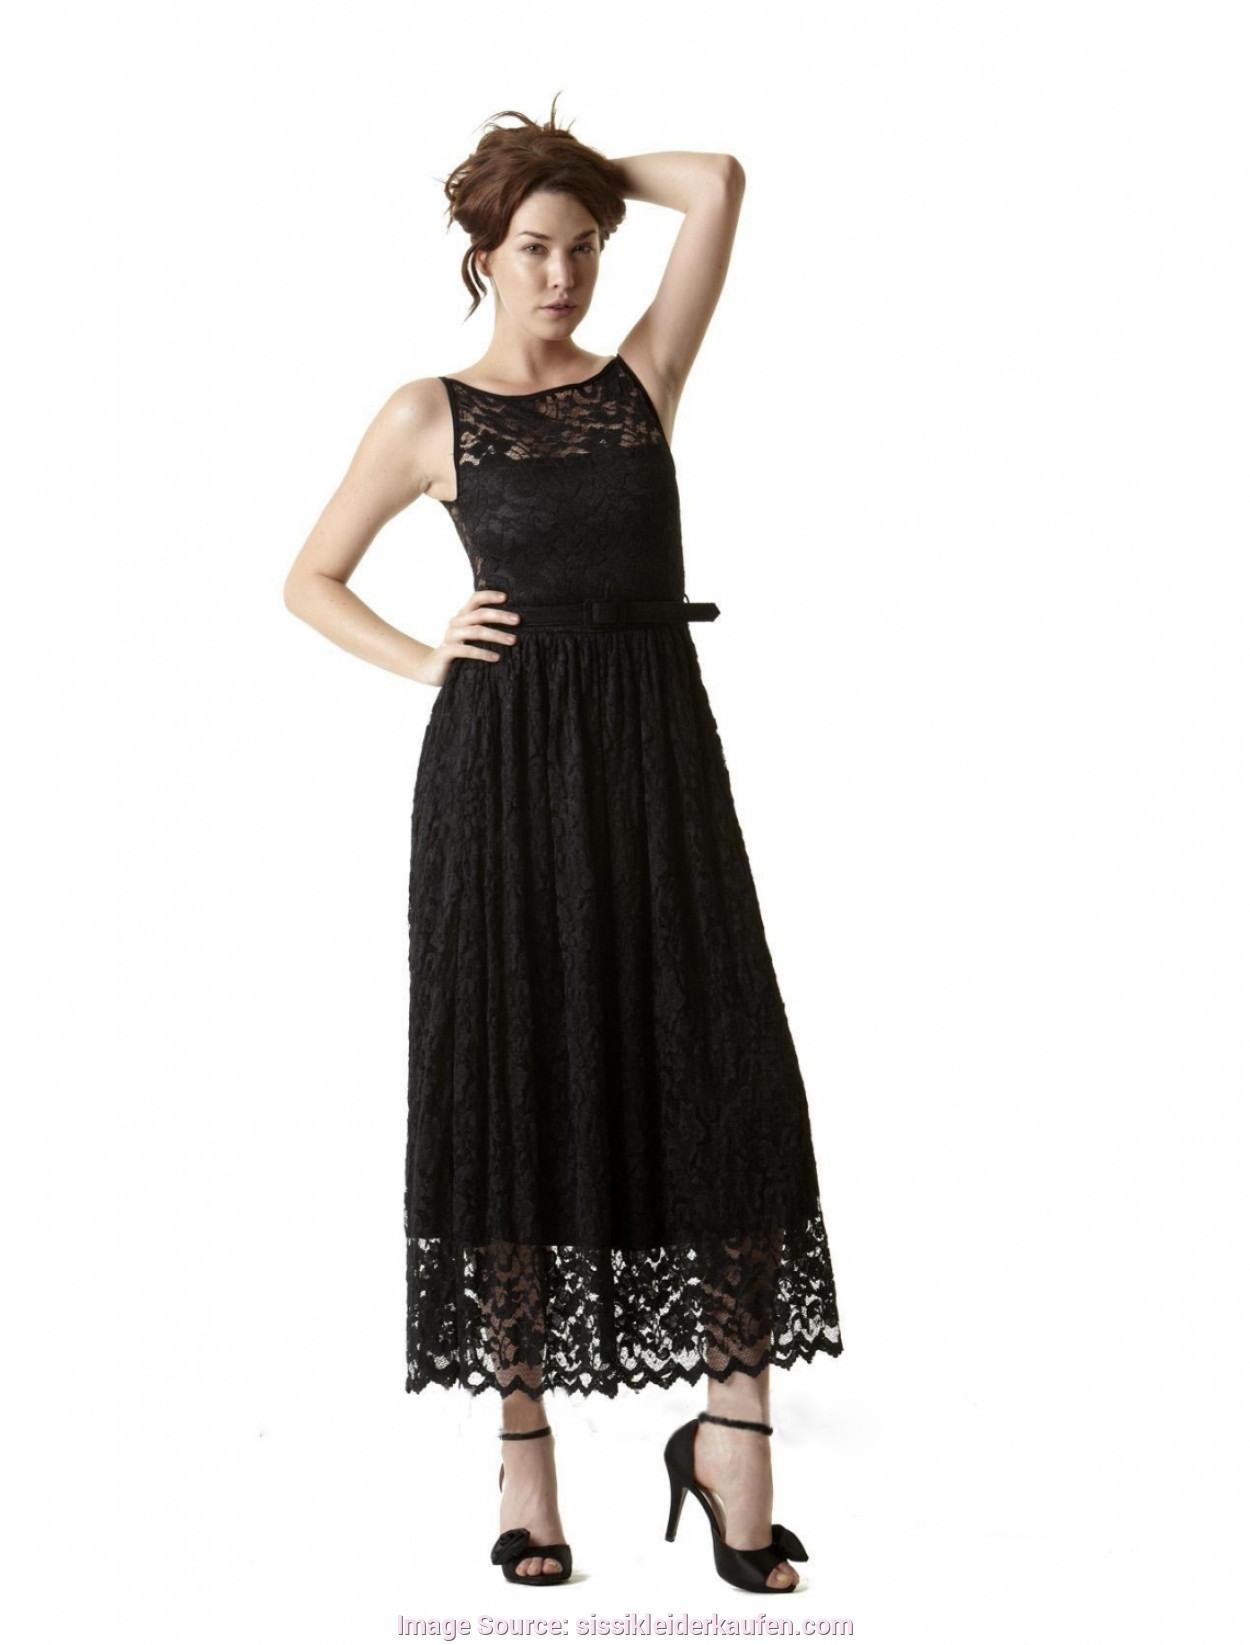 Kreativ Festliche Kleider Wadenlang SpezialgebietAbend Elegant Festliche Kleider Wadenlang Ärmel